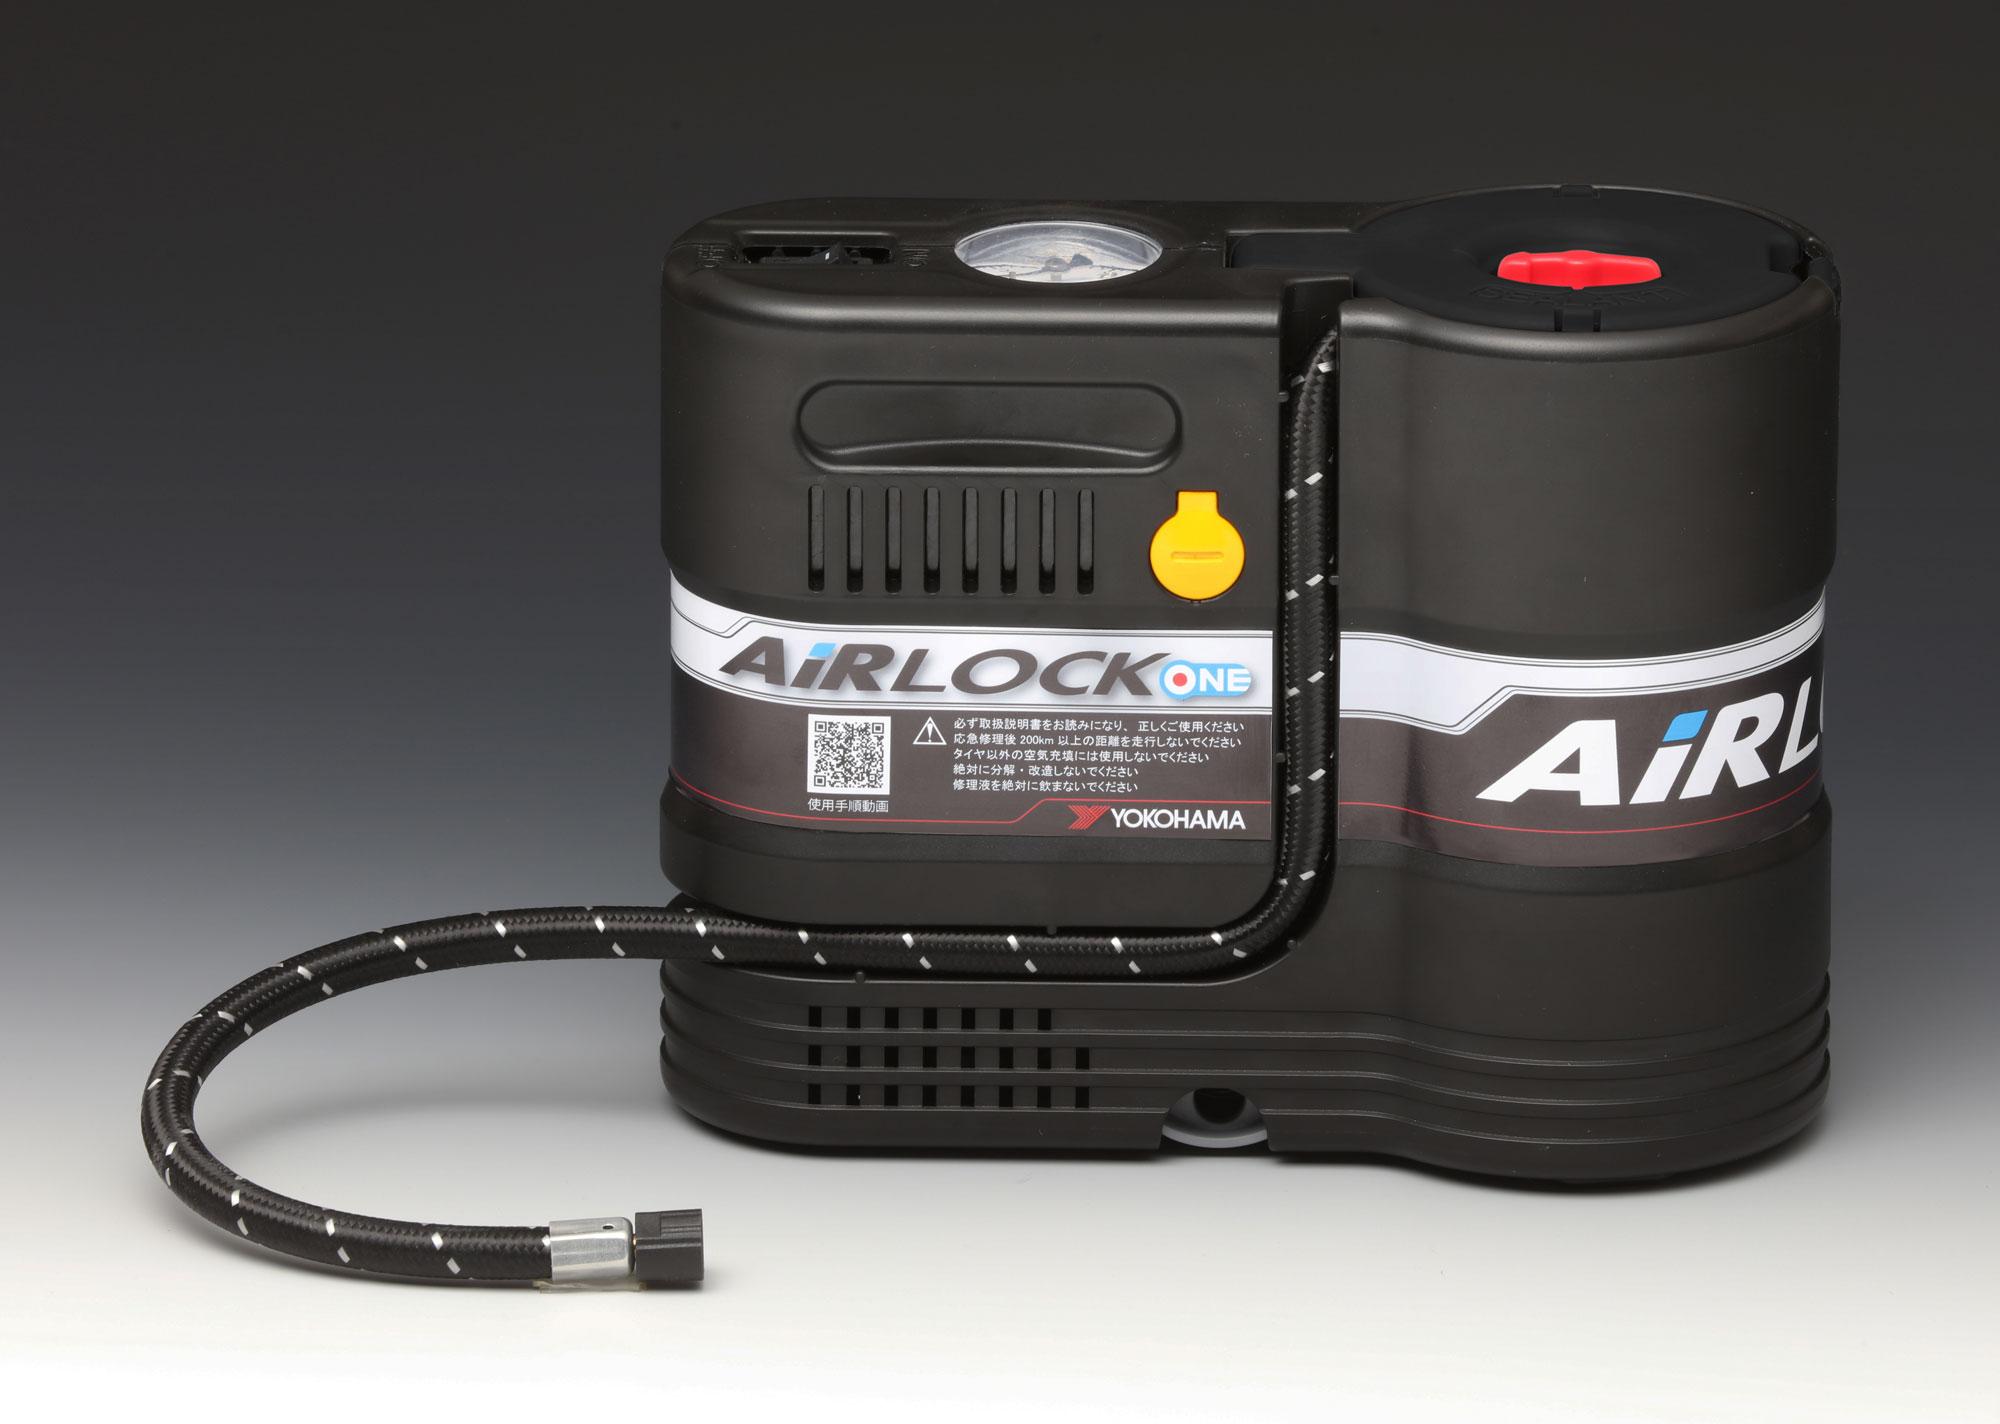 横浜ゴム、乗用車用パンク応急修理キット「AIRLOCK ONE(エアロックワン)」を6月1日から発売開始